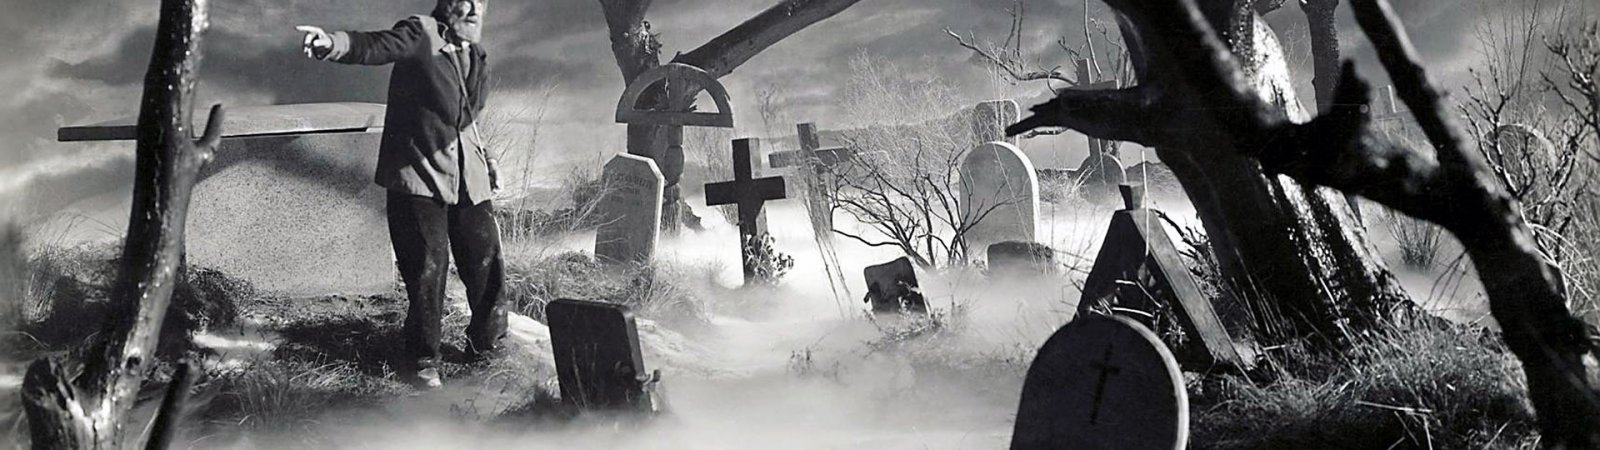 Photo du film : Le fils de frankenstein